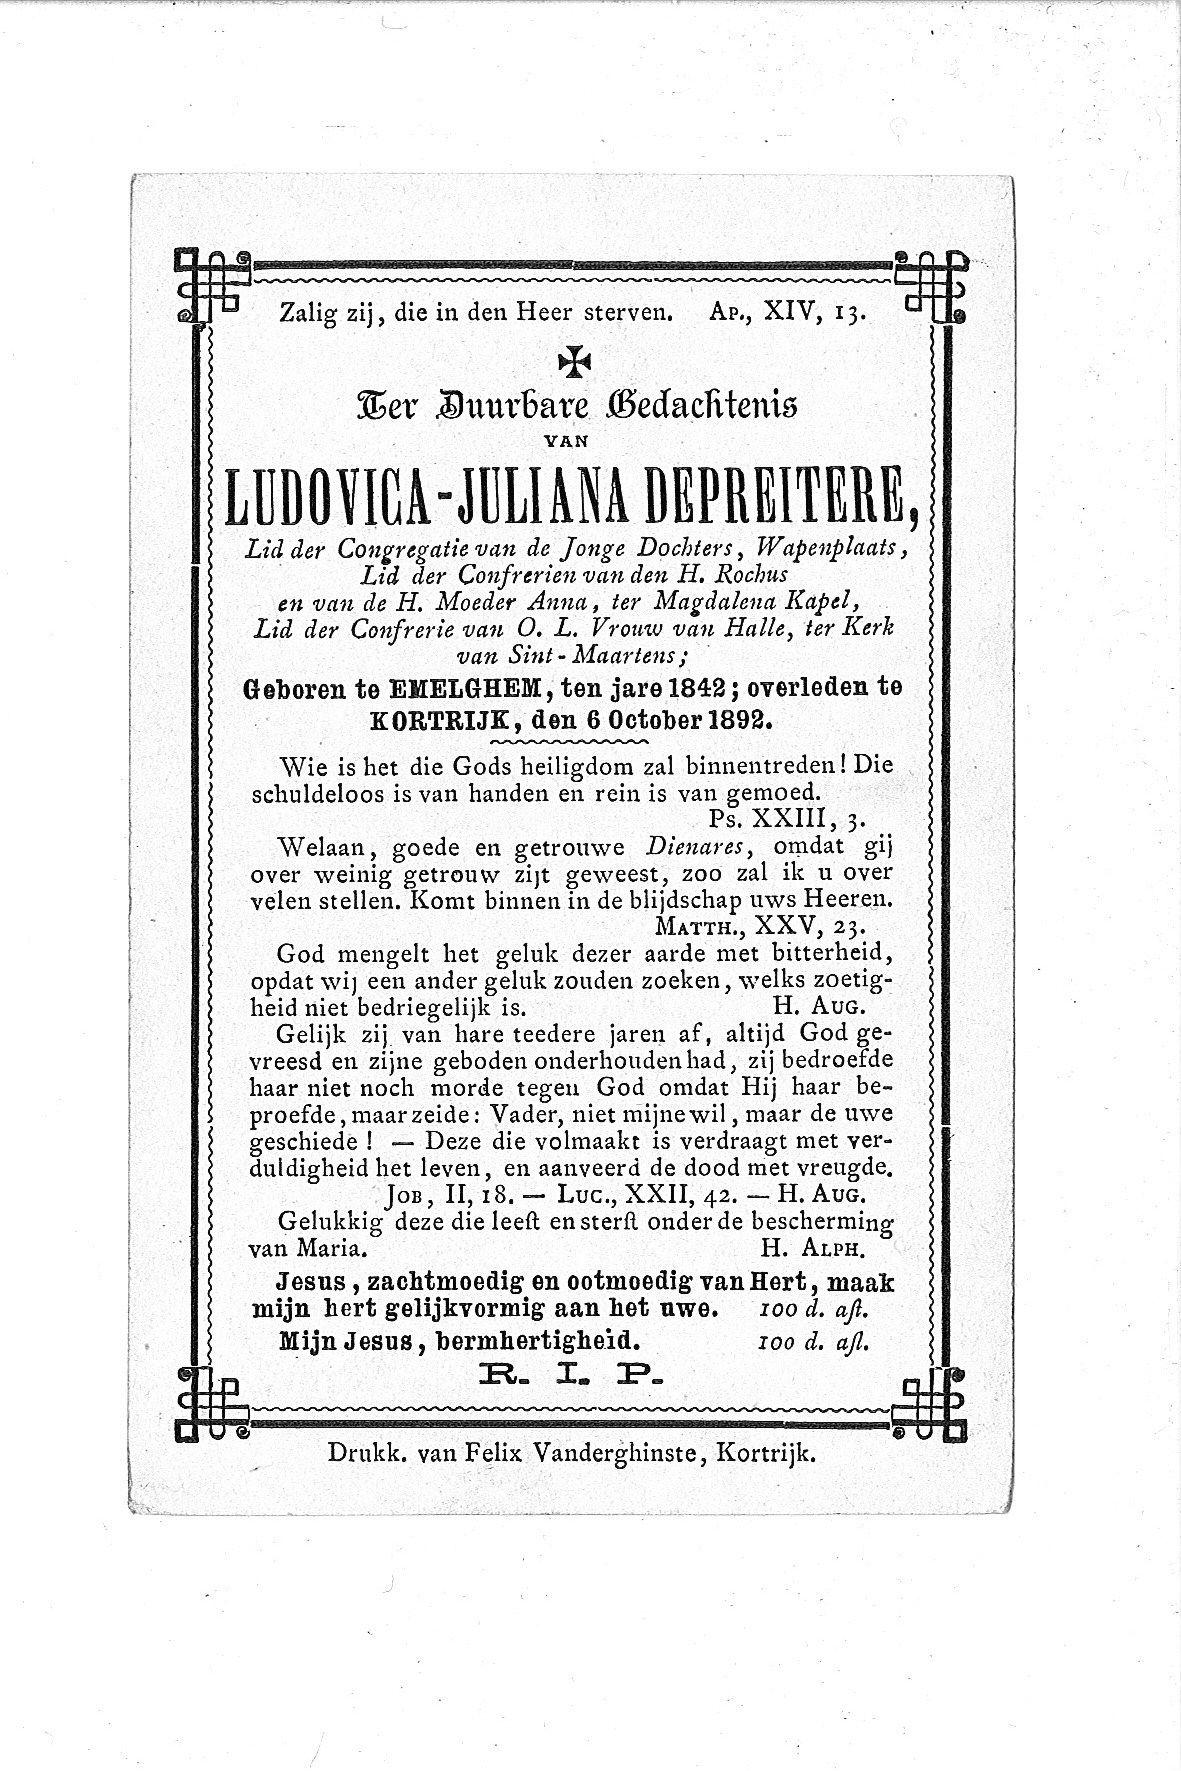 Ludovica-Juliana(1892)20091005132500_00051.jpg